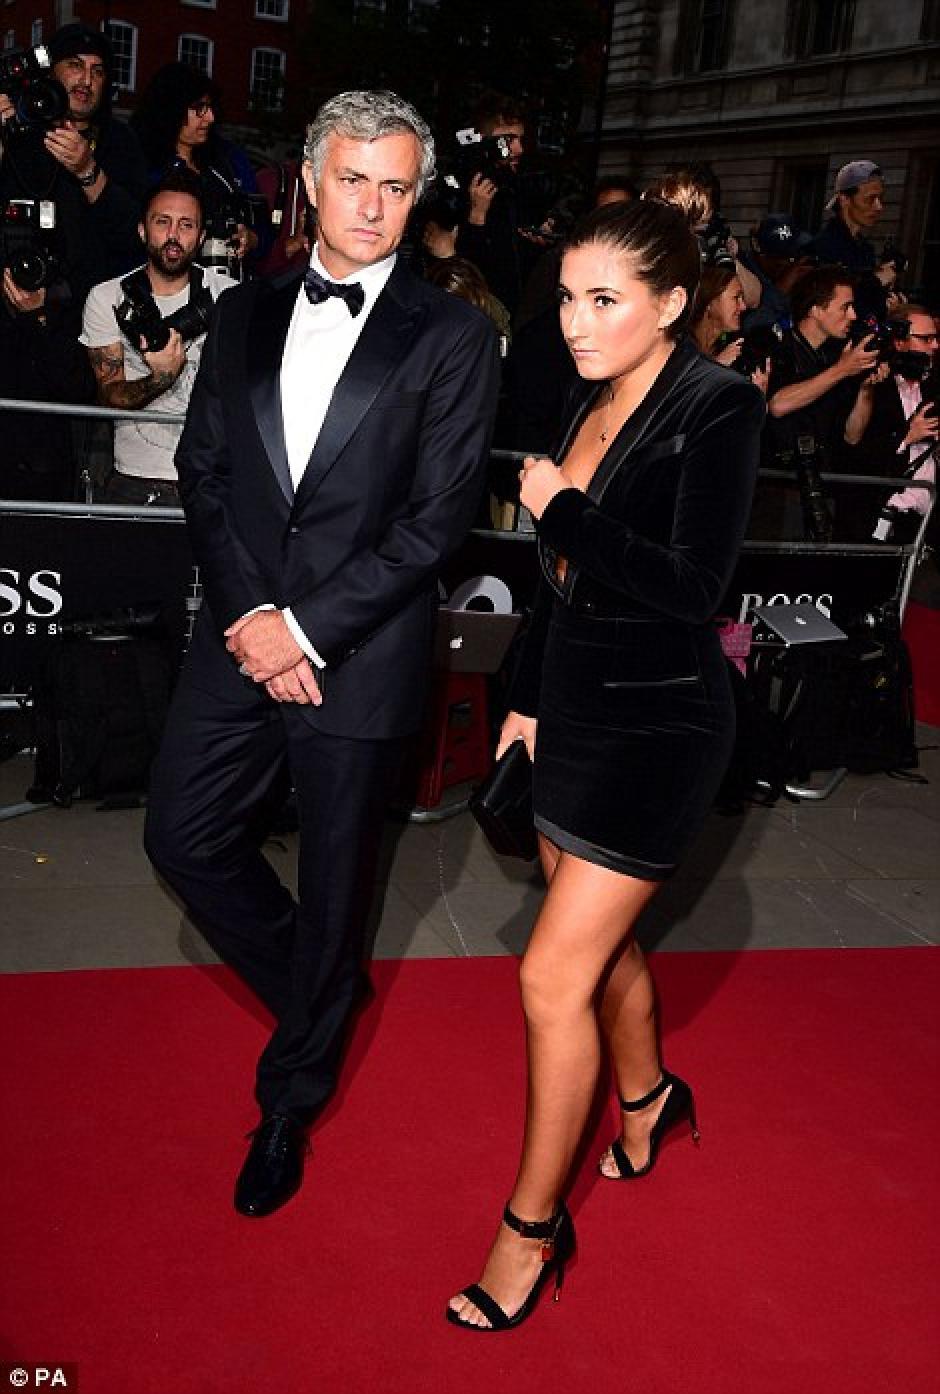 El escote del vestido de Matilda, hija de José Mourinho, casi la hace pasar un mal rato. (Foto: dailymail.co.uk)